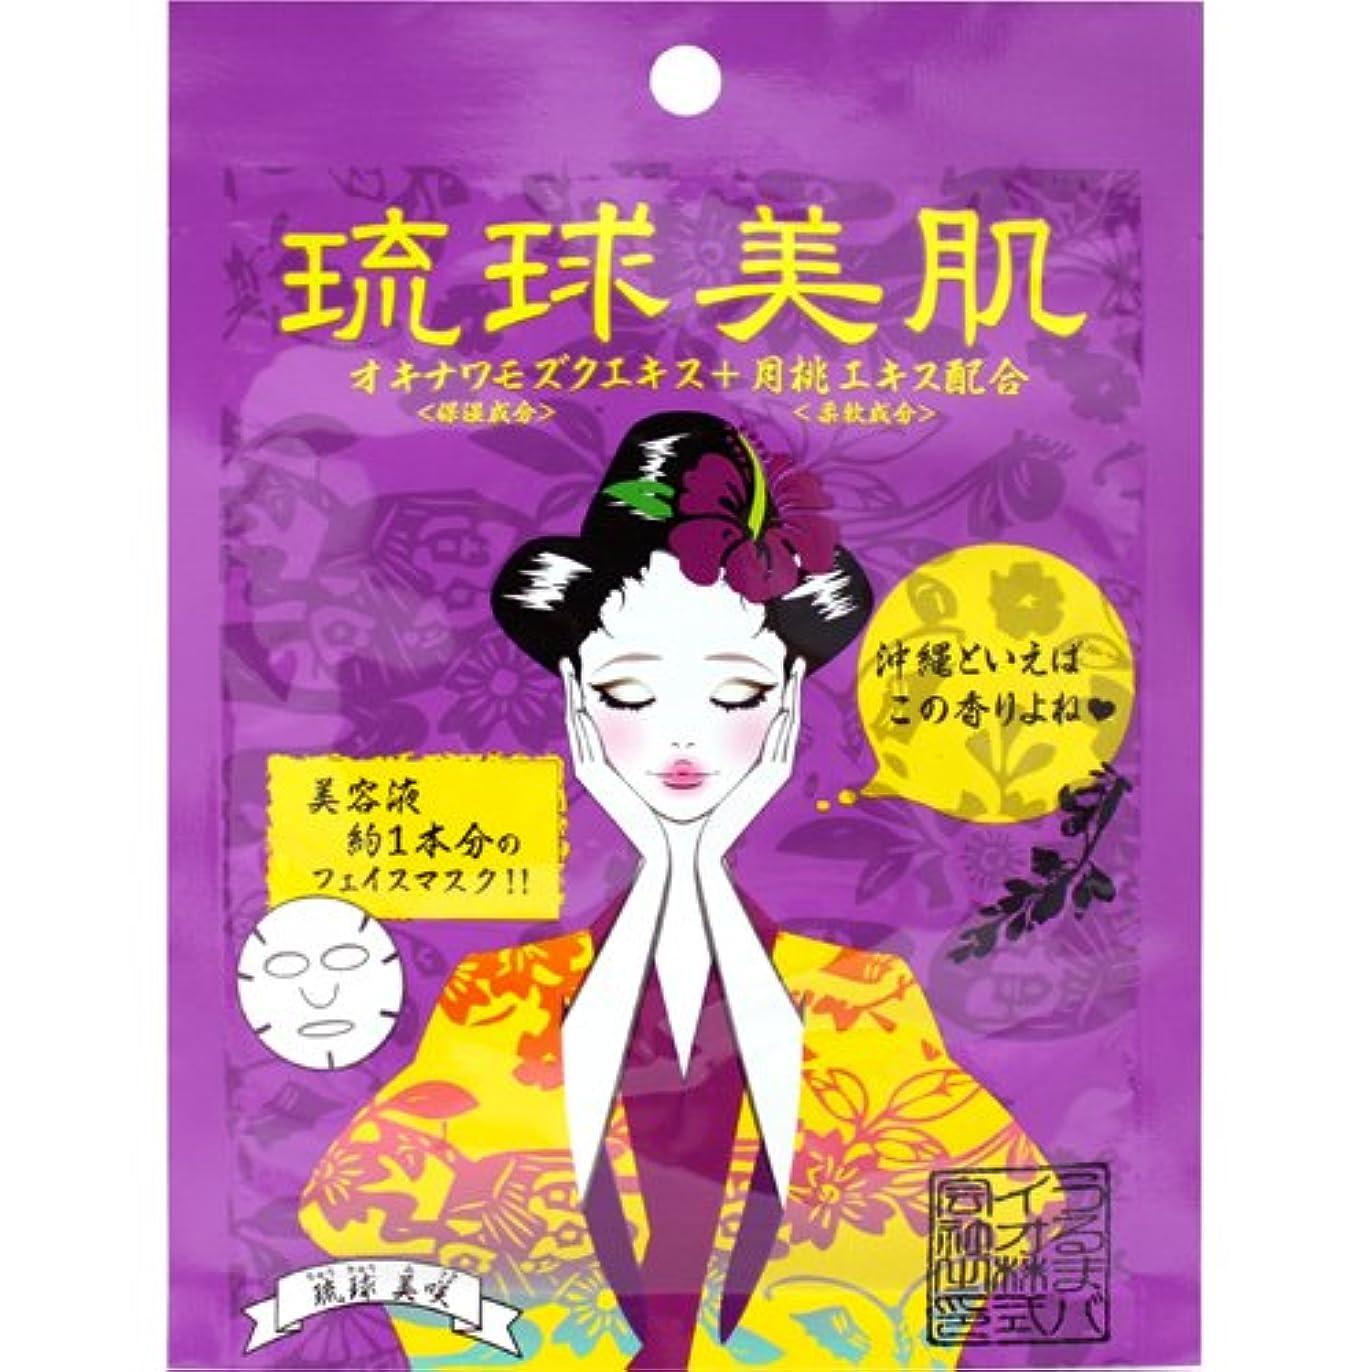 名詞喜劇実装する琉球美肌 フェイスマスクシート 月桃の香り 10枚セット